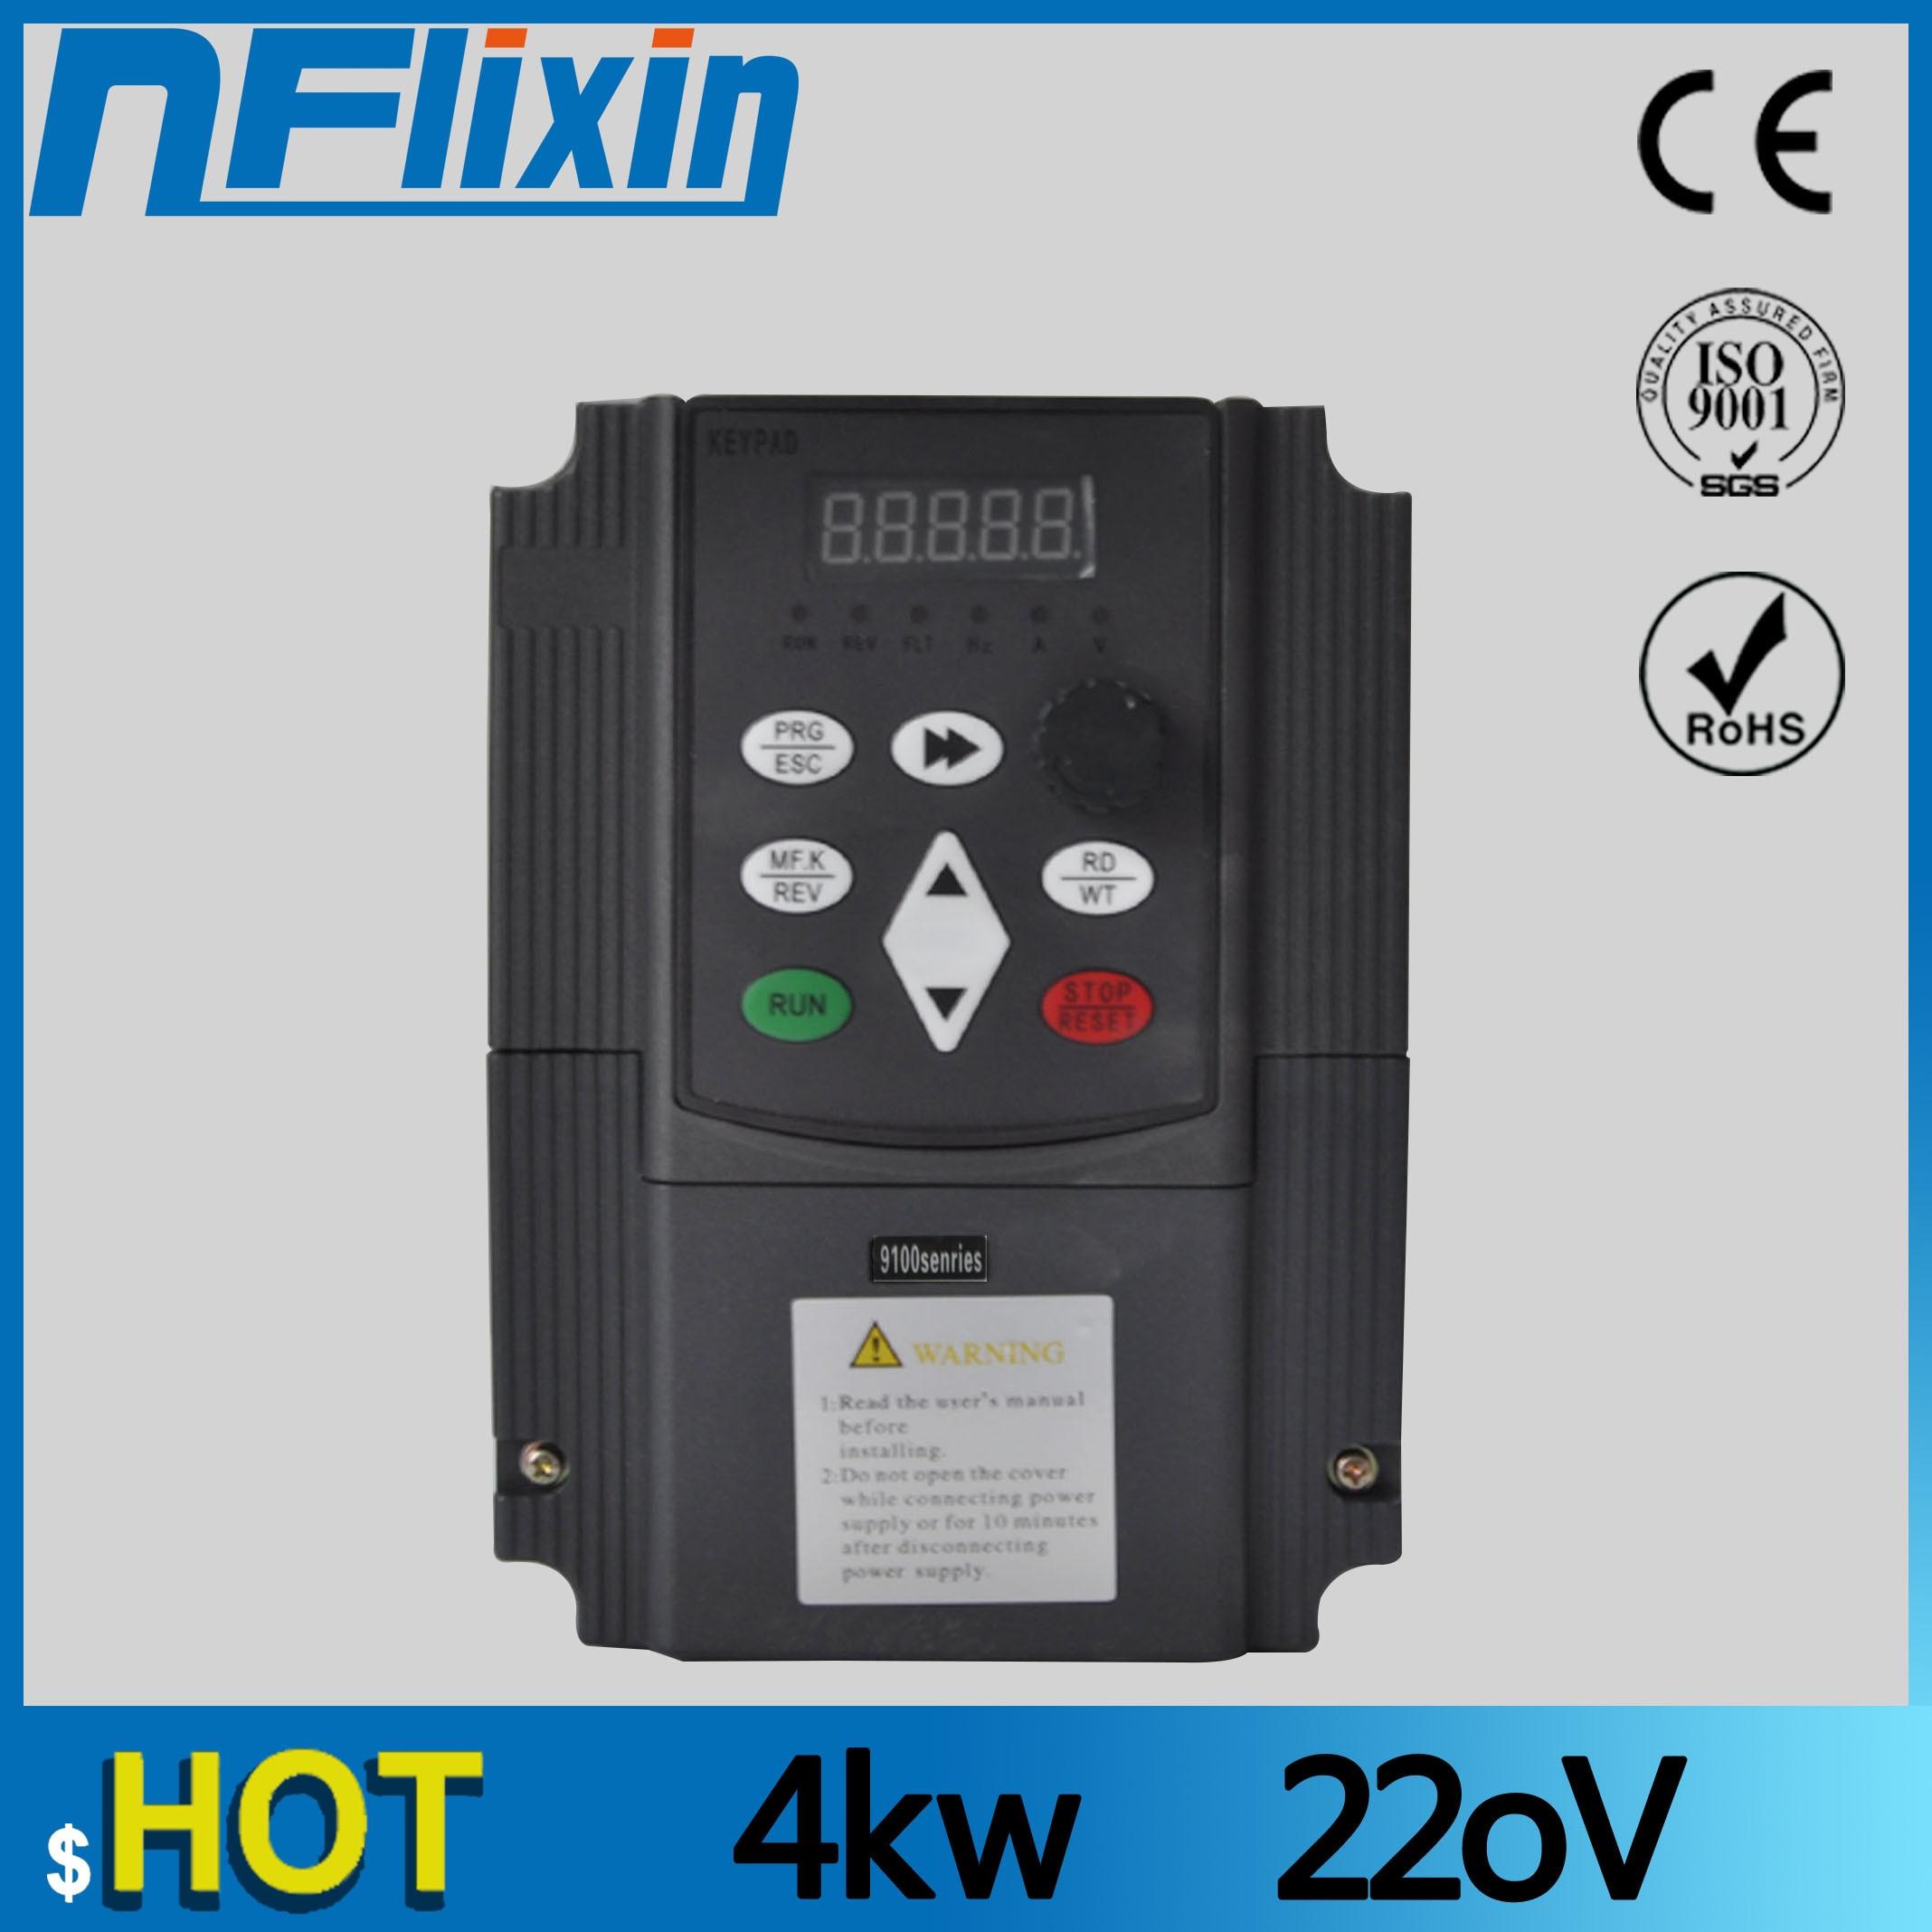 Convertisseur de fréquence Variable d'inverseur de fréquence de 220 V 4KW pour les onduleurs de moteur de pompe à eau 1 entrée de phase pilote à ca de 3 phases VF